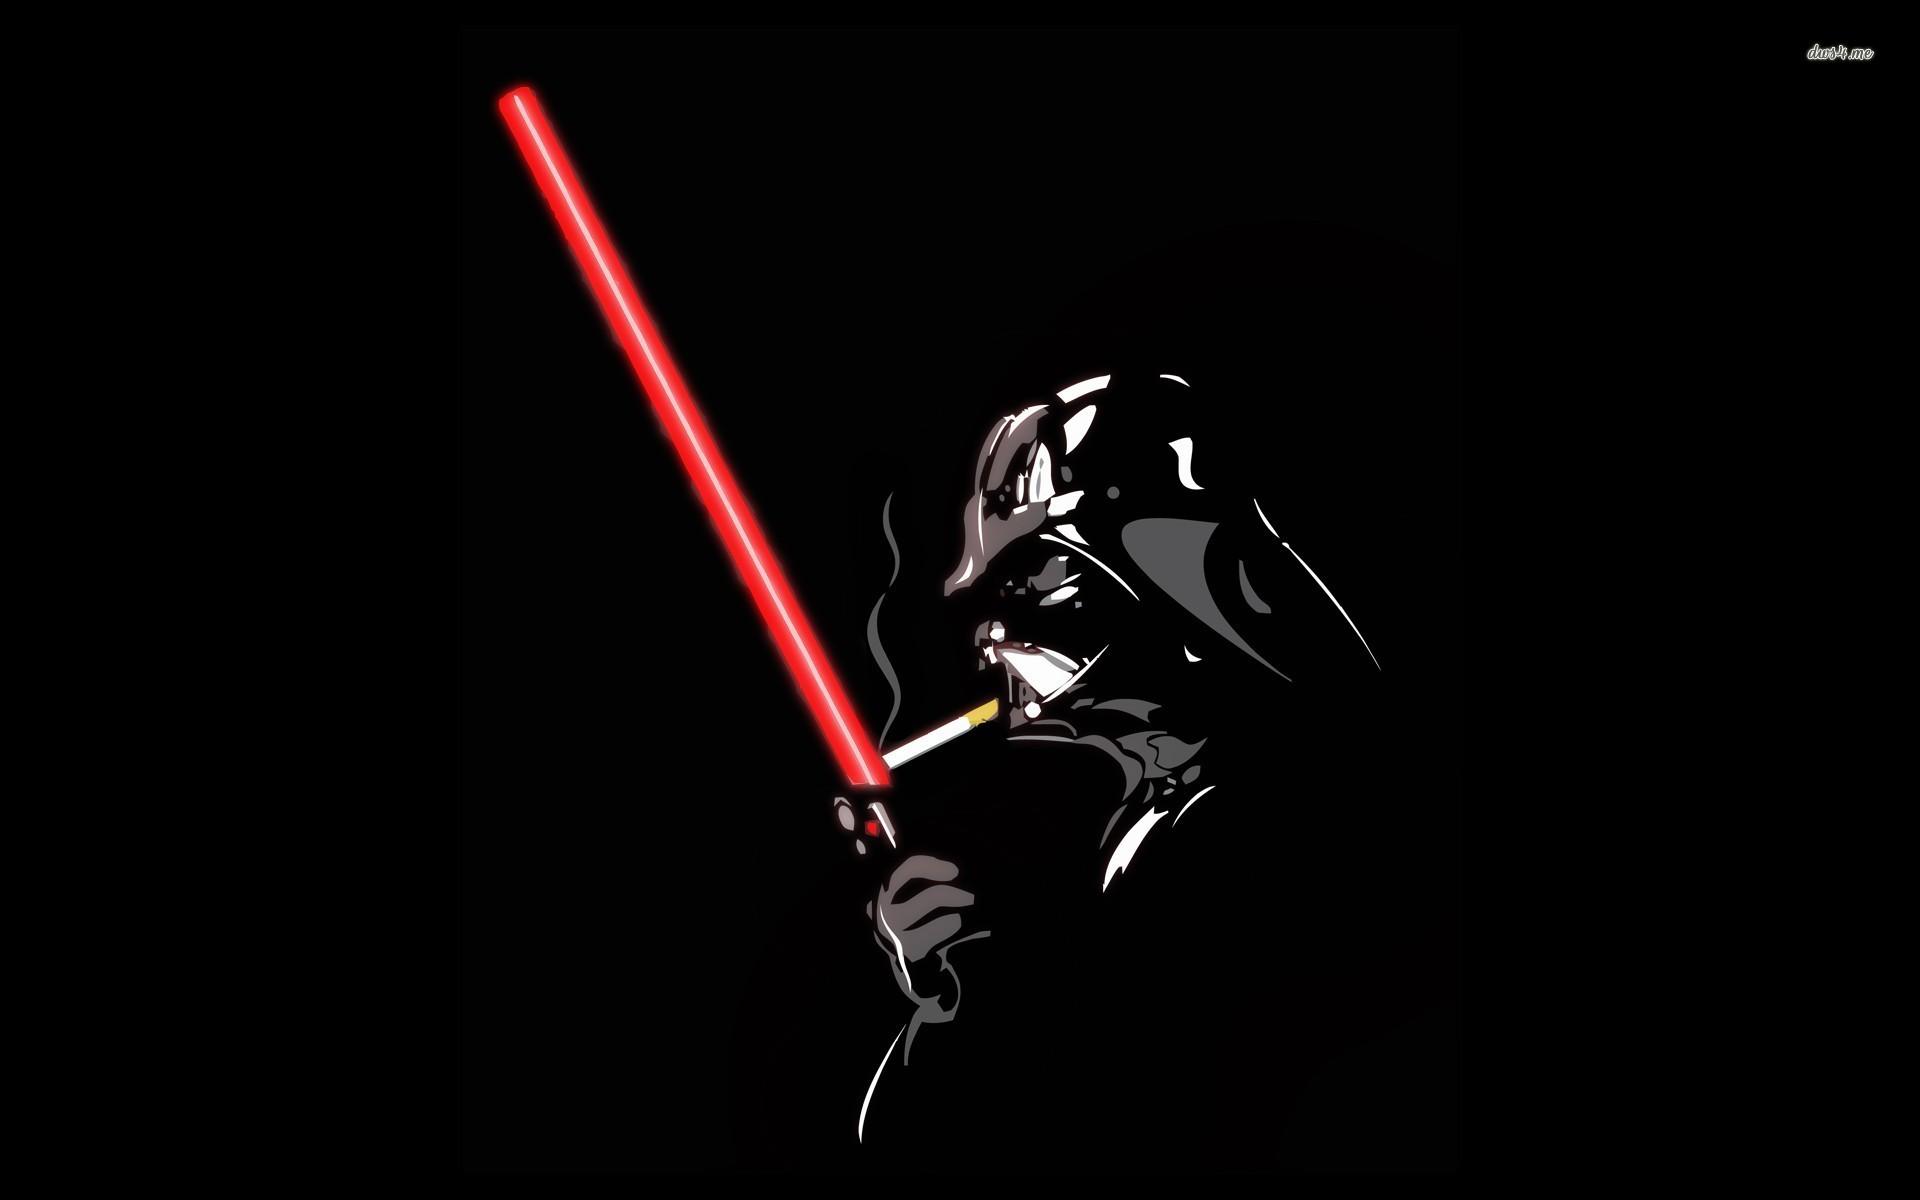 Darth Vader HD Wallpaper